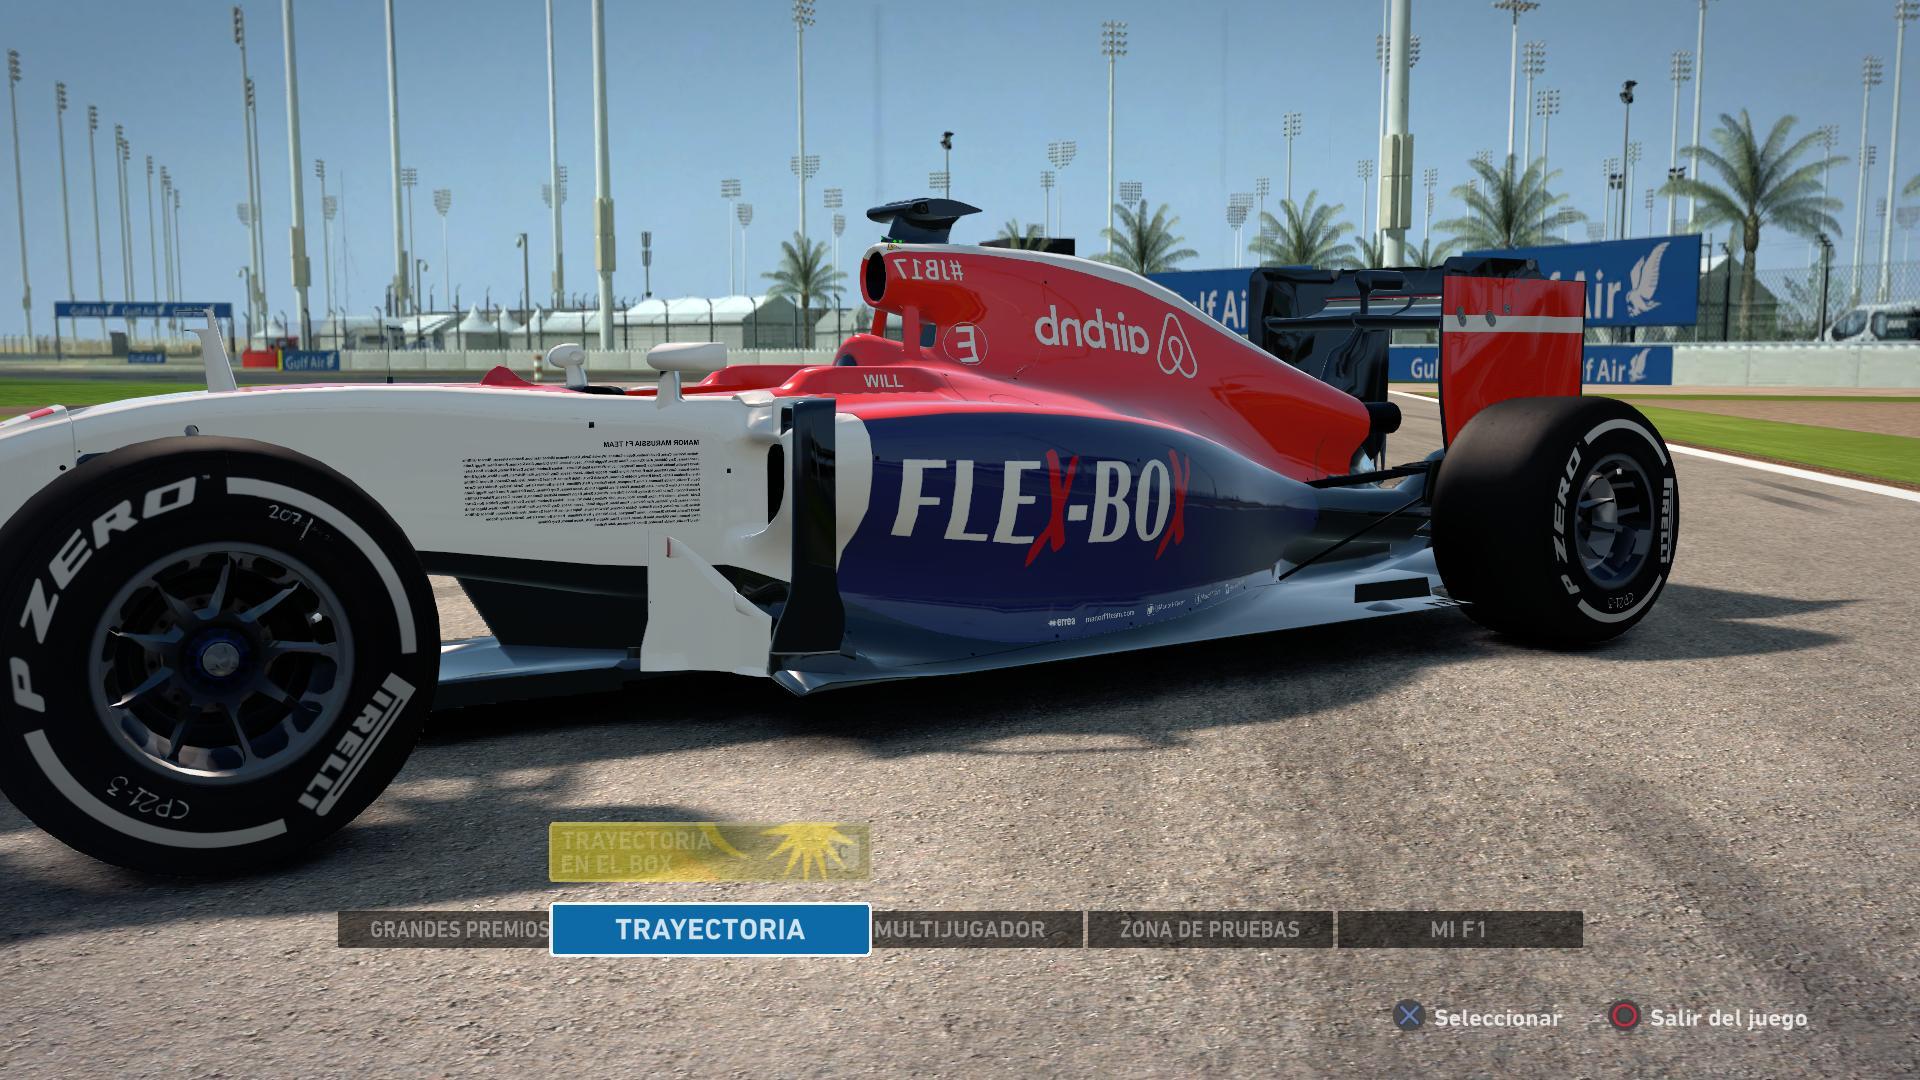 F1_2015 2015-07-05 03-18-27-59.jpg